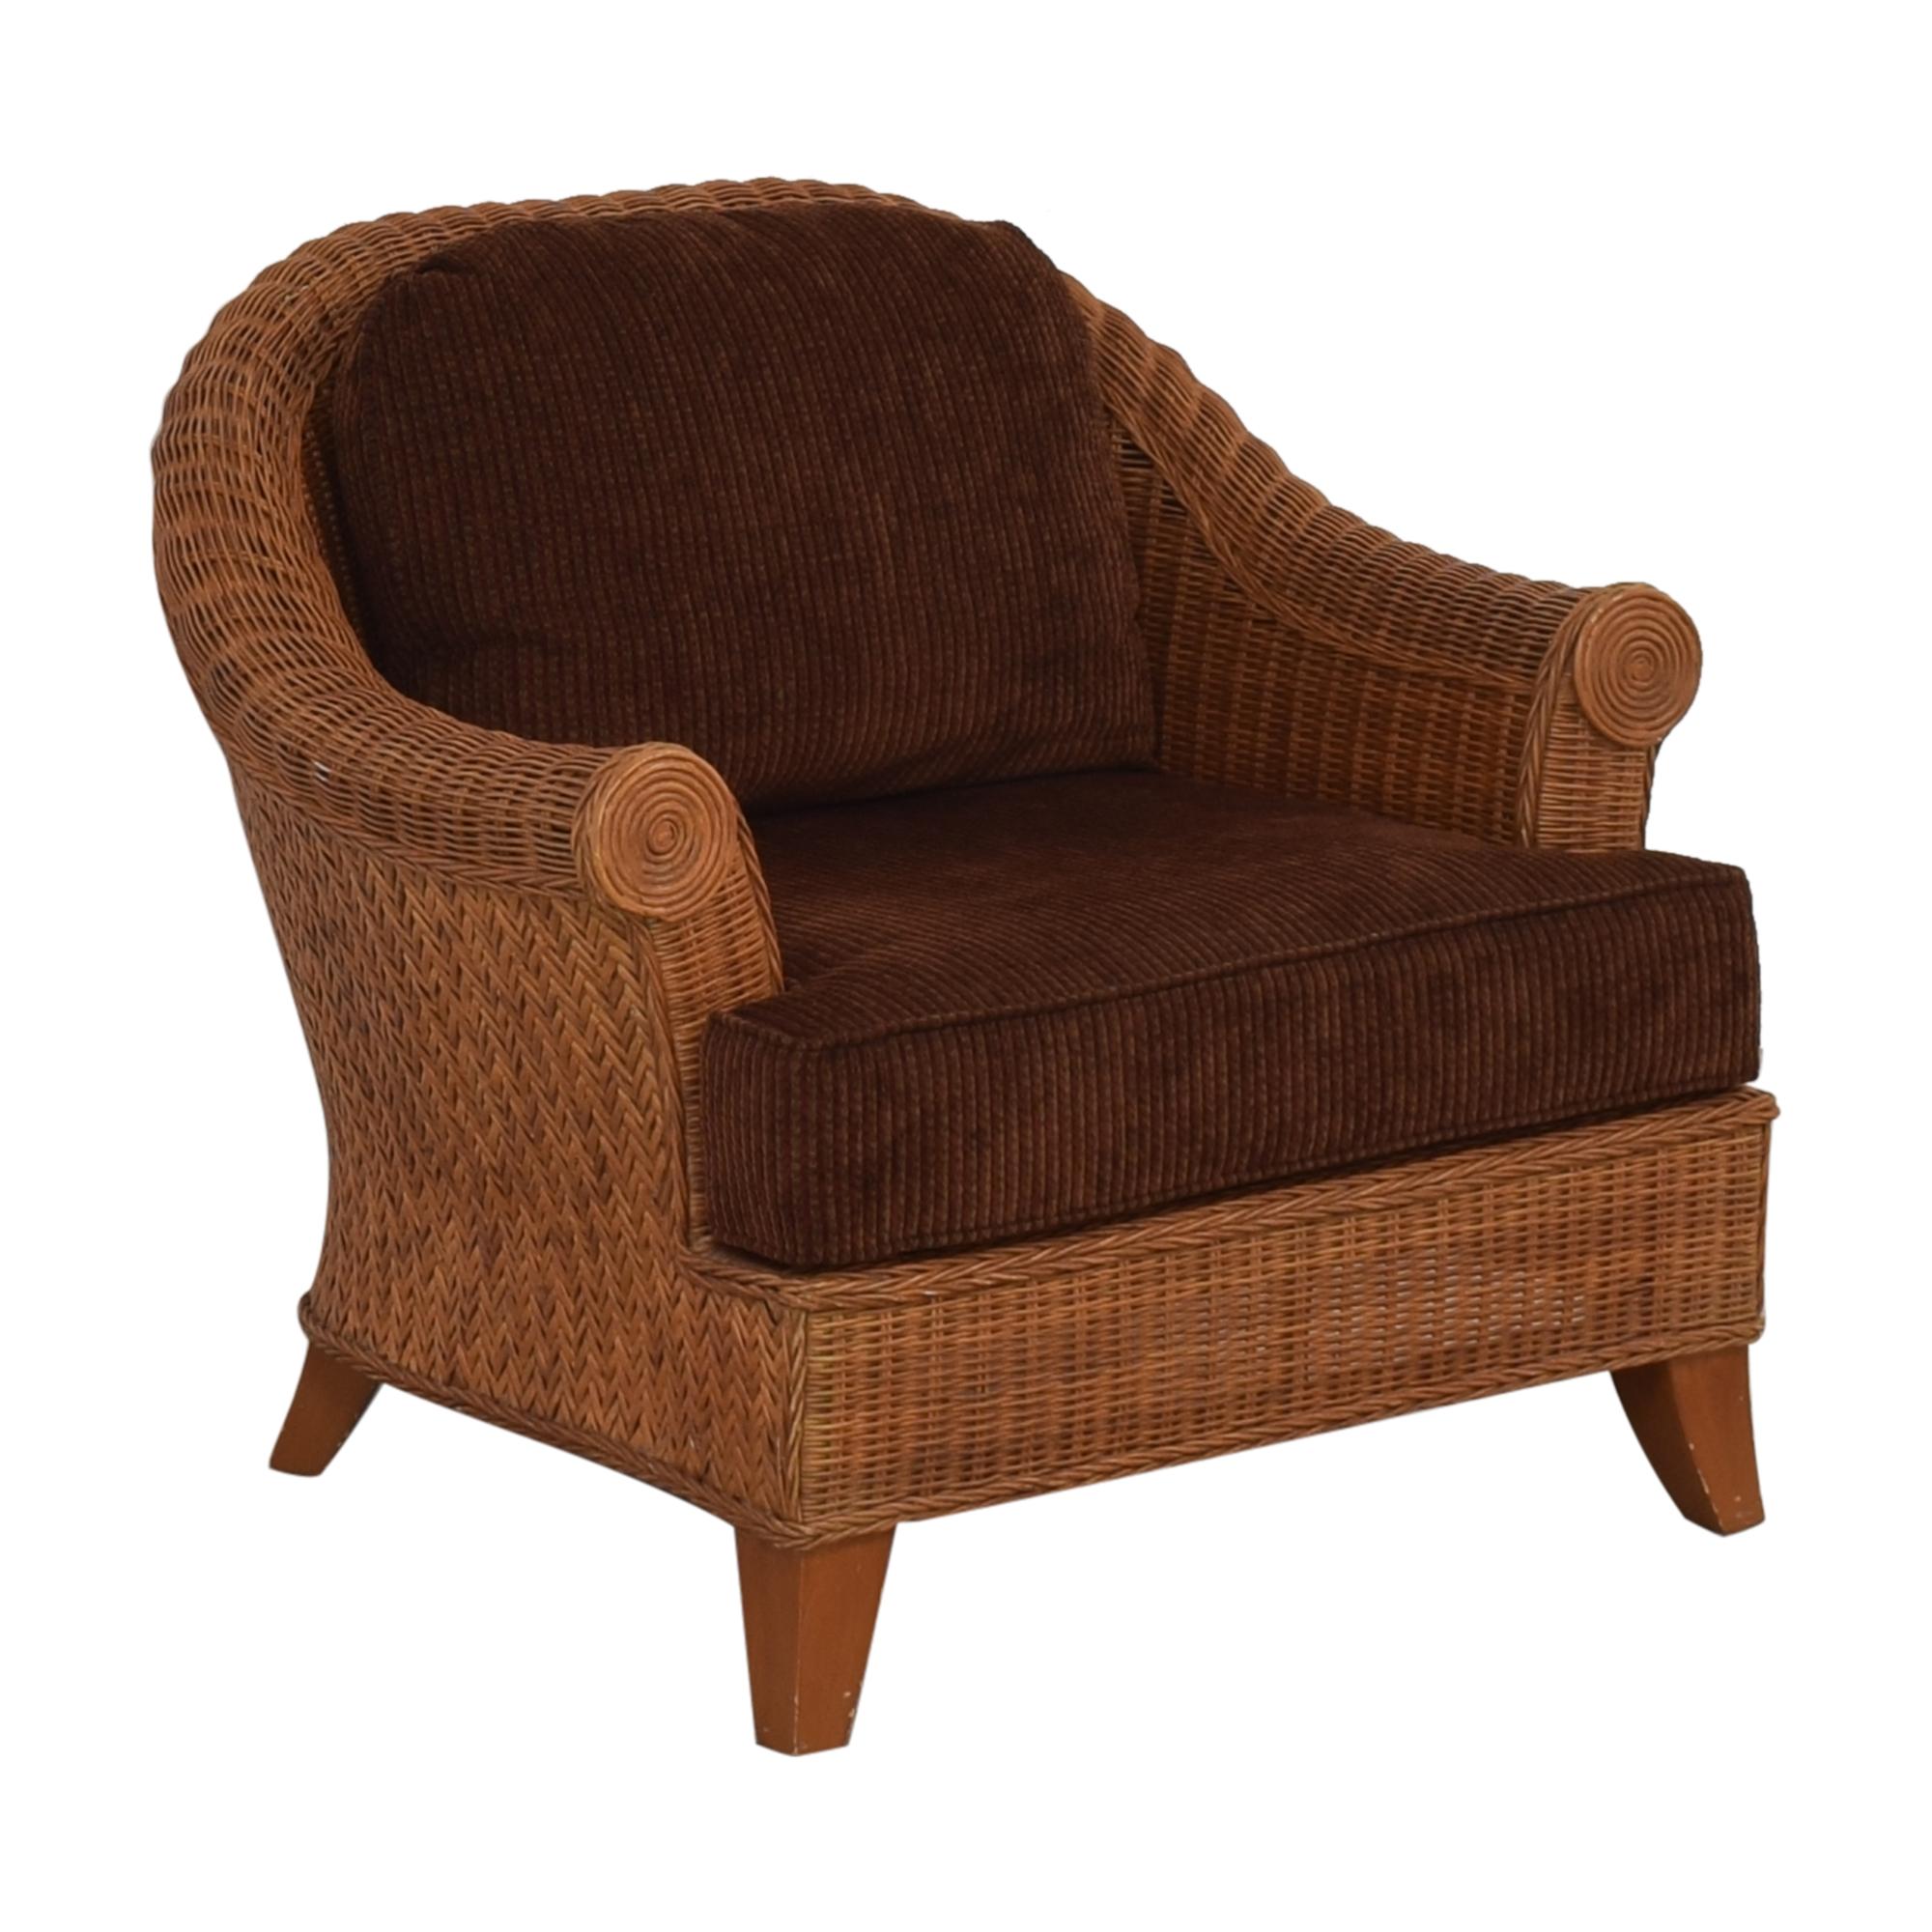 buy Ethan Allen Ethan Allen Outdoor Accent Chair online